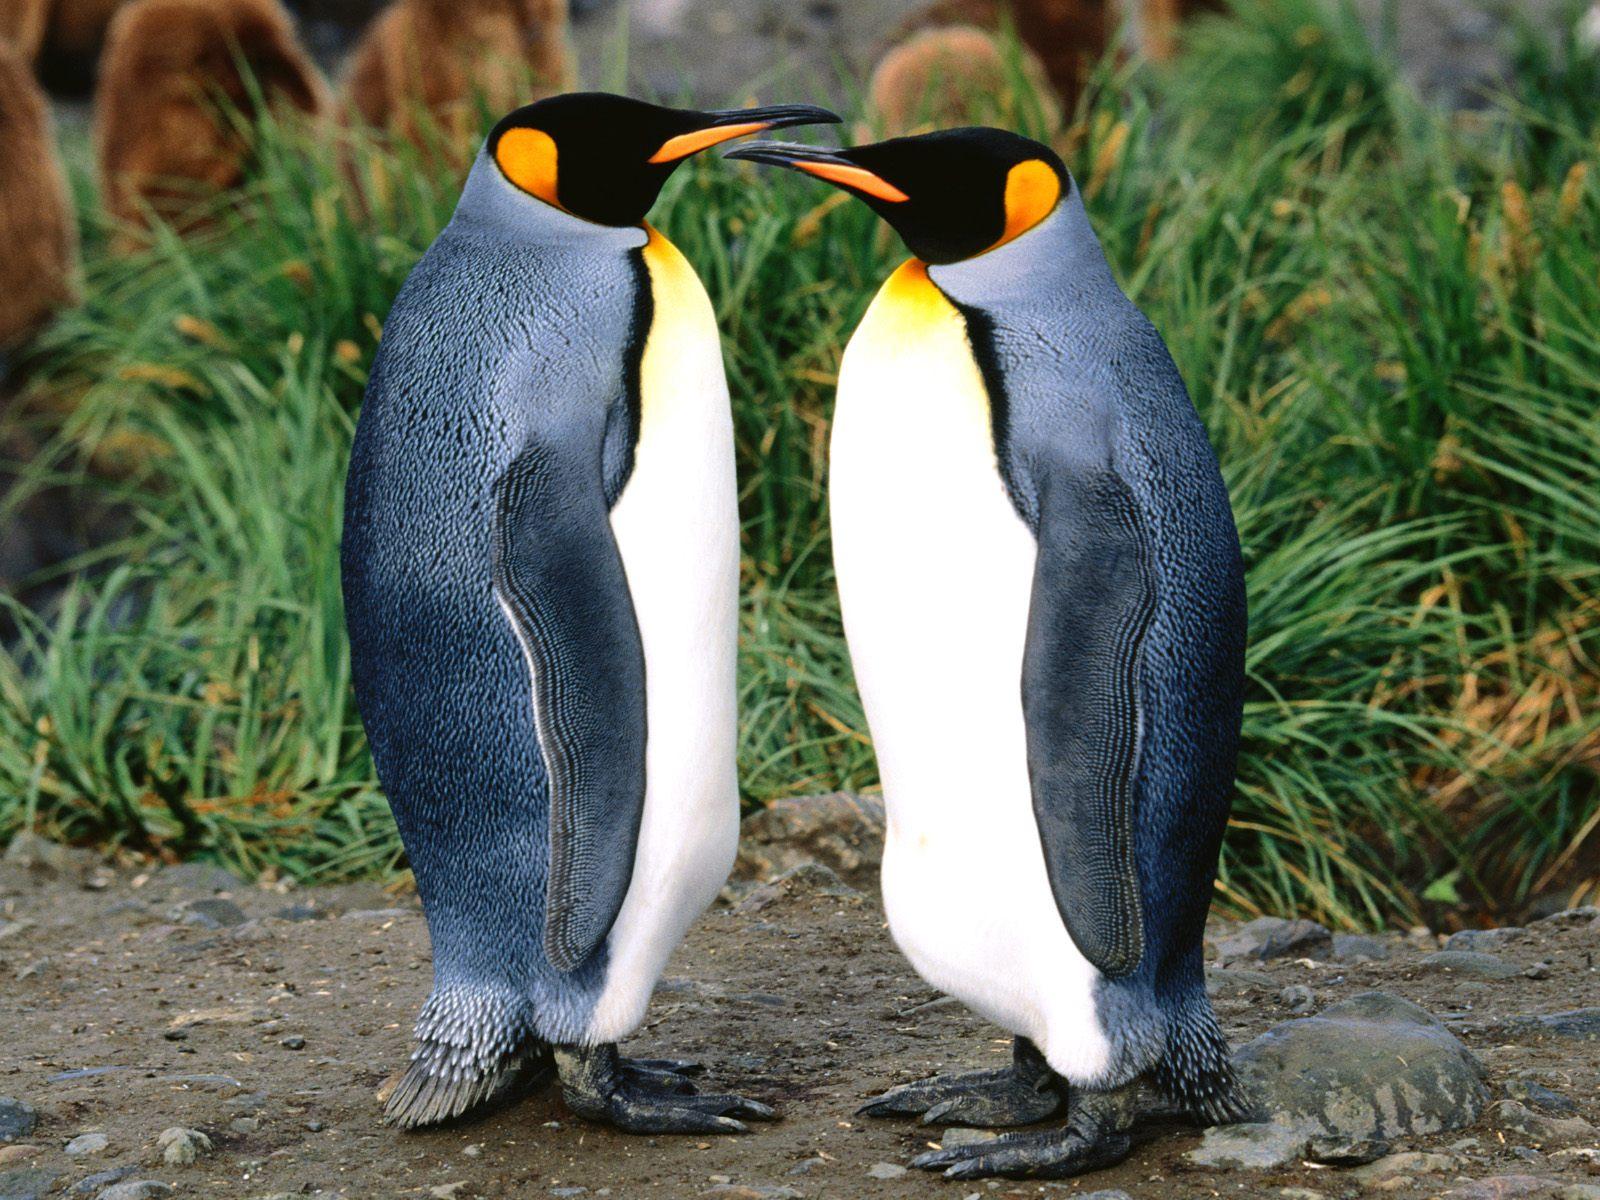 Картинка с пингвинами, хороших выходных картинки